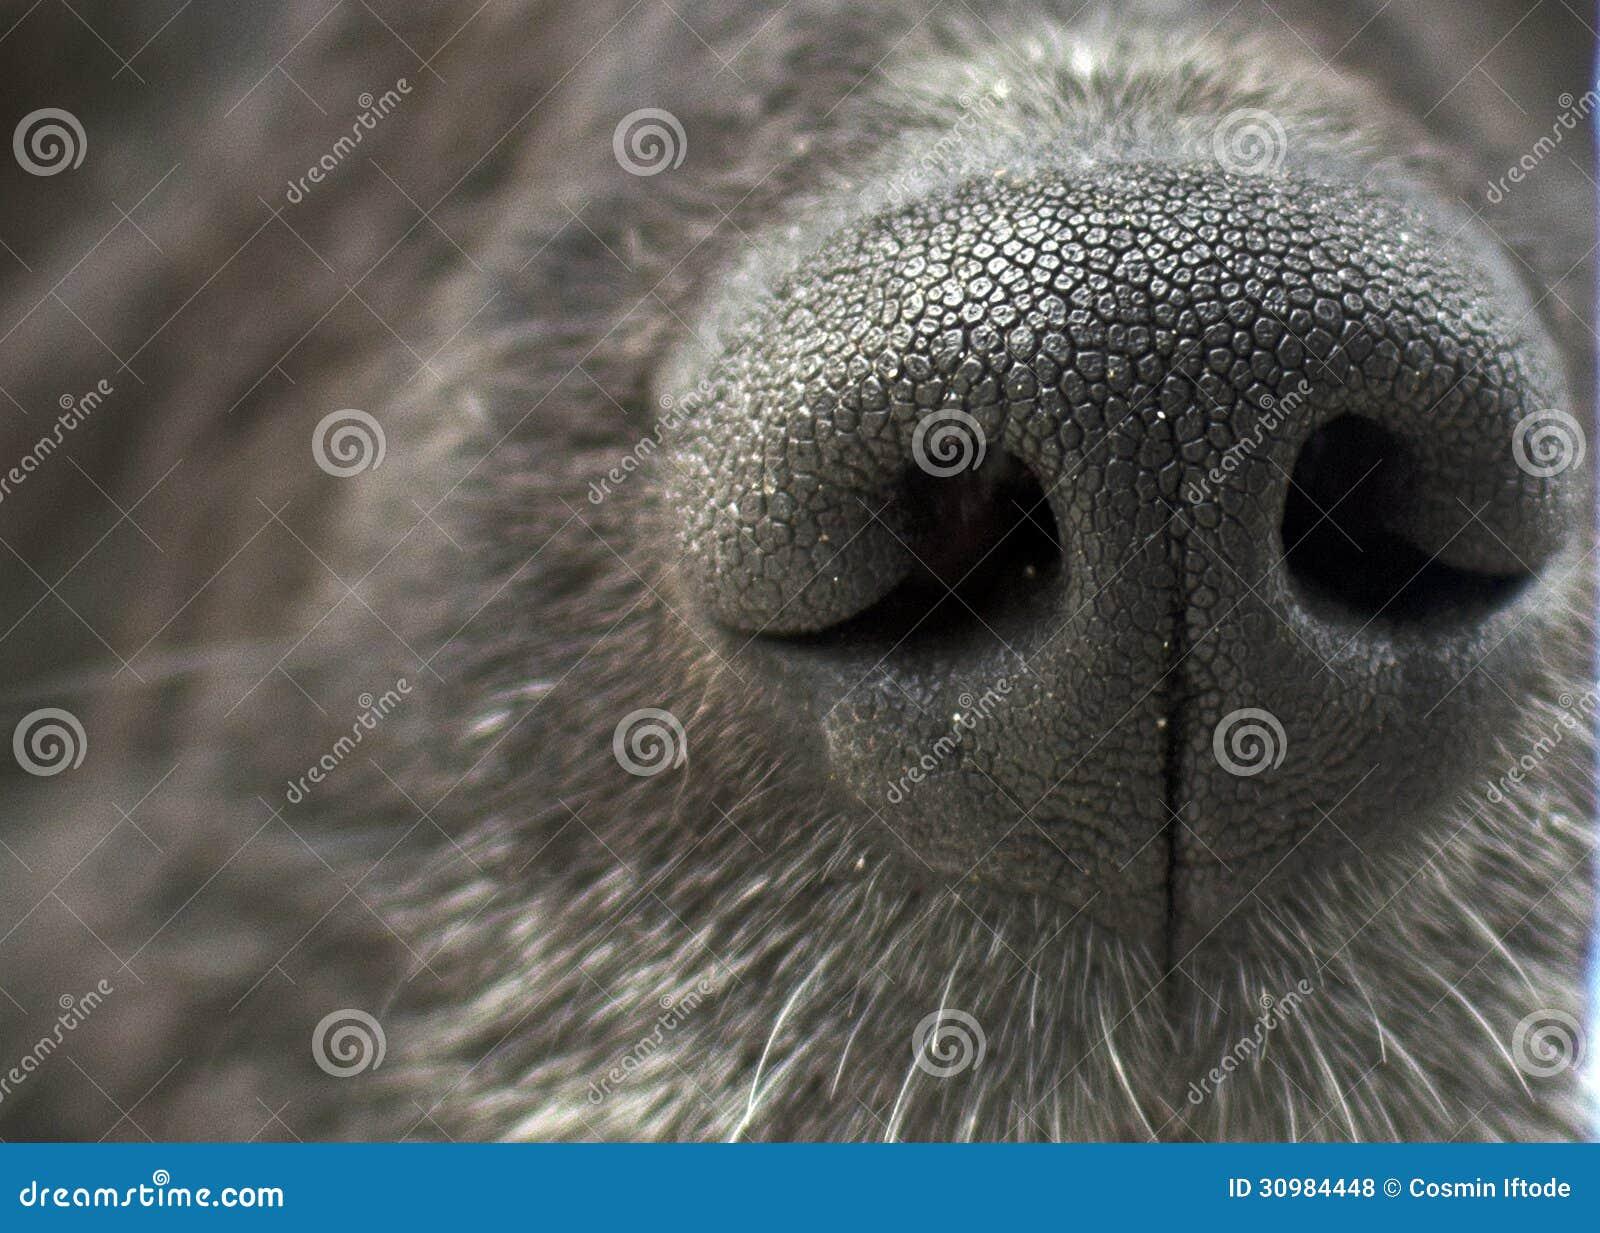 Textura do nariz de cão preto